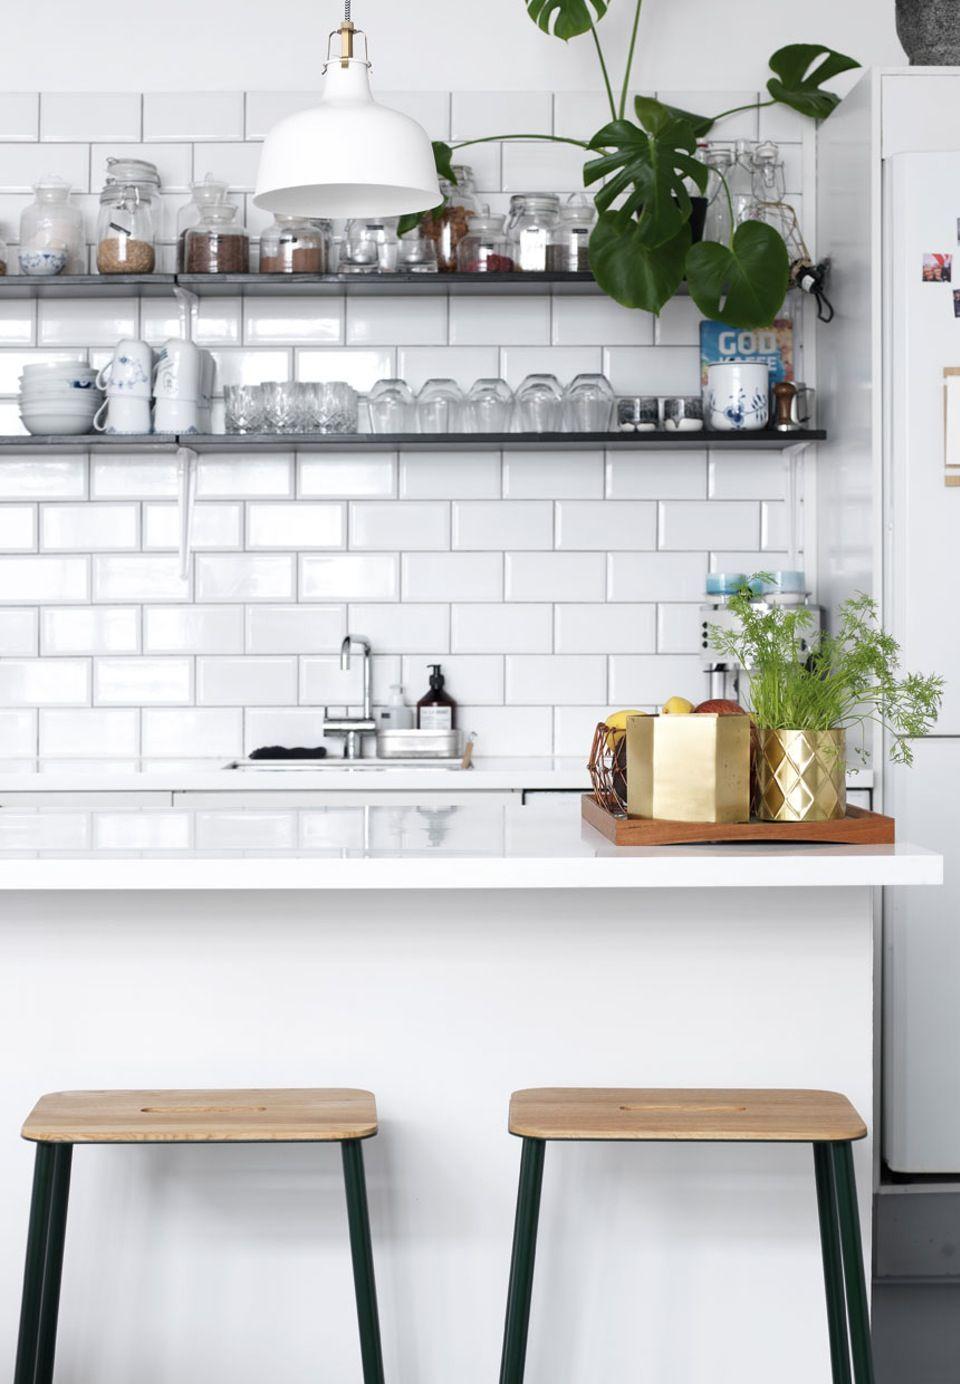 Innenarchitektur für küchenschrank design attractor  cook details  pinterest  innenarchitektur